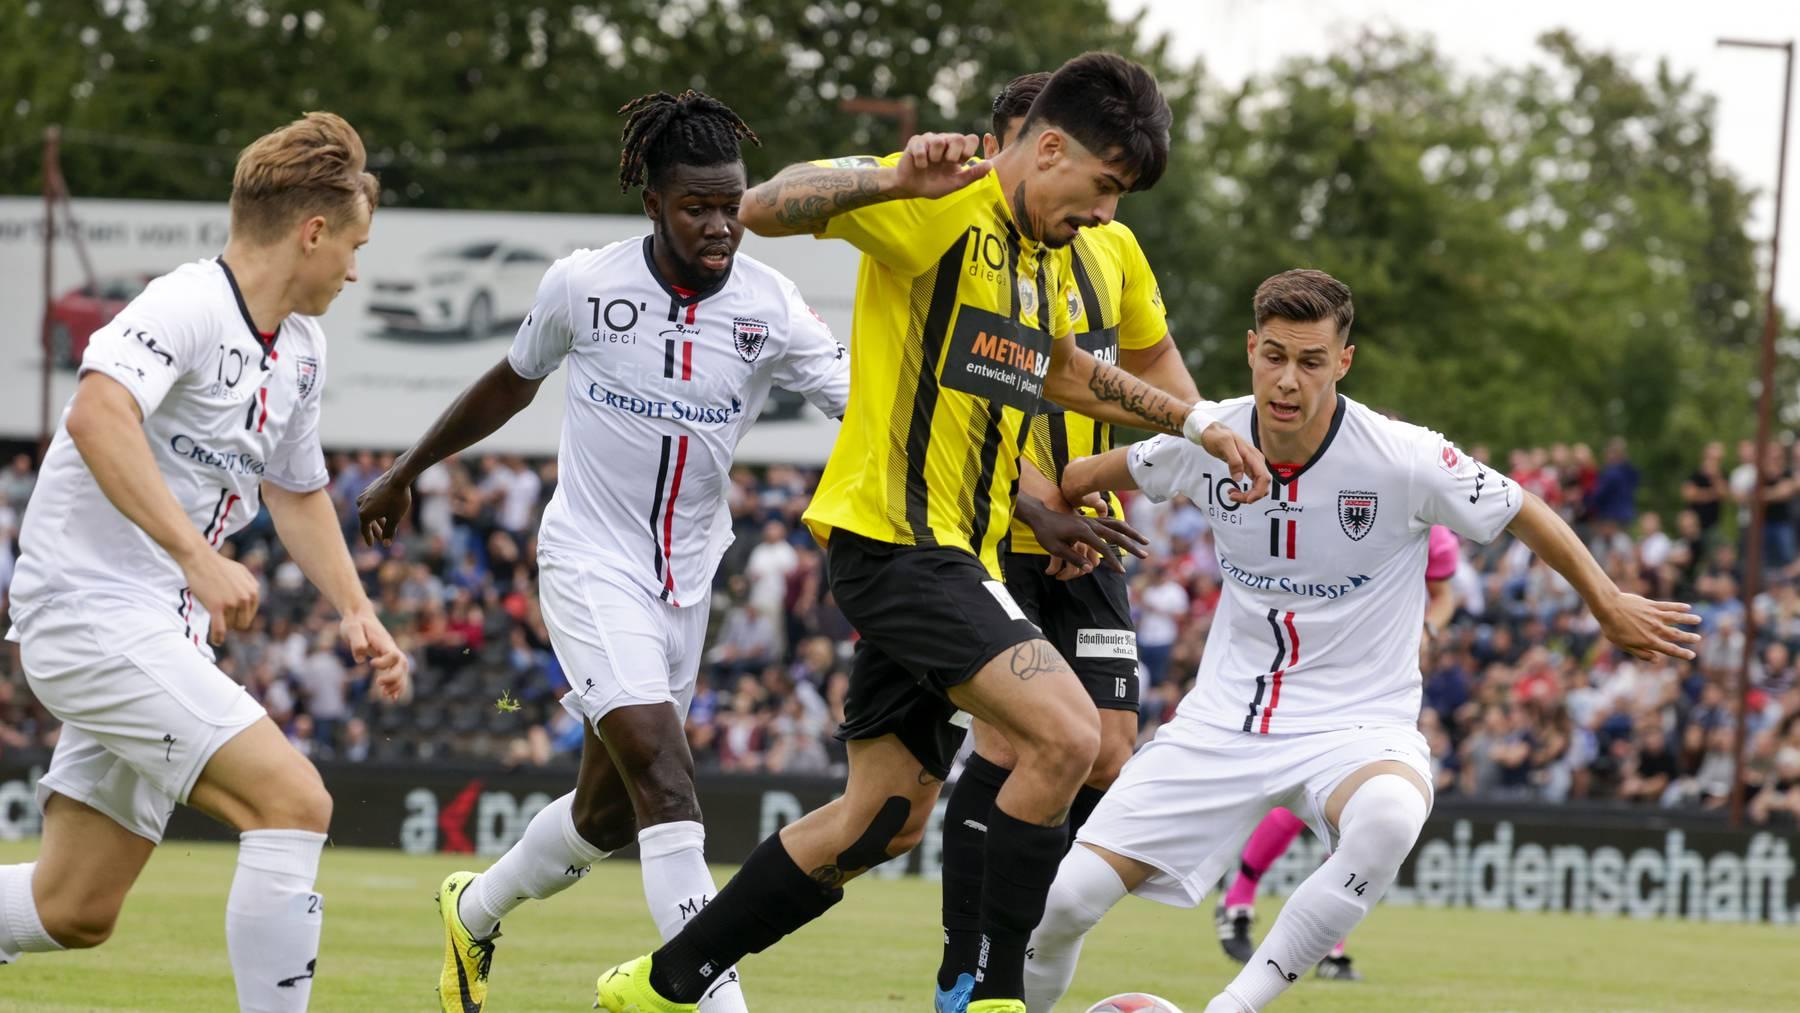 Zum Saisonauftakt spielte der FC Aarau im Brügglifeld gegen den FC Schaffhausen.